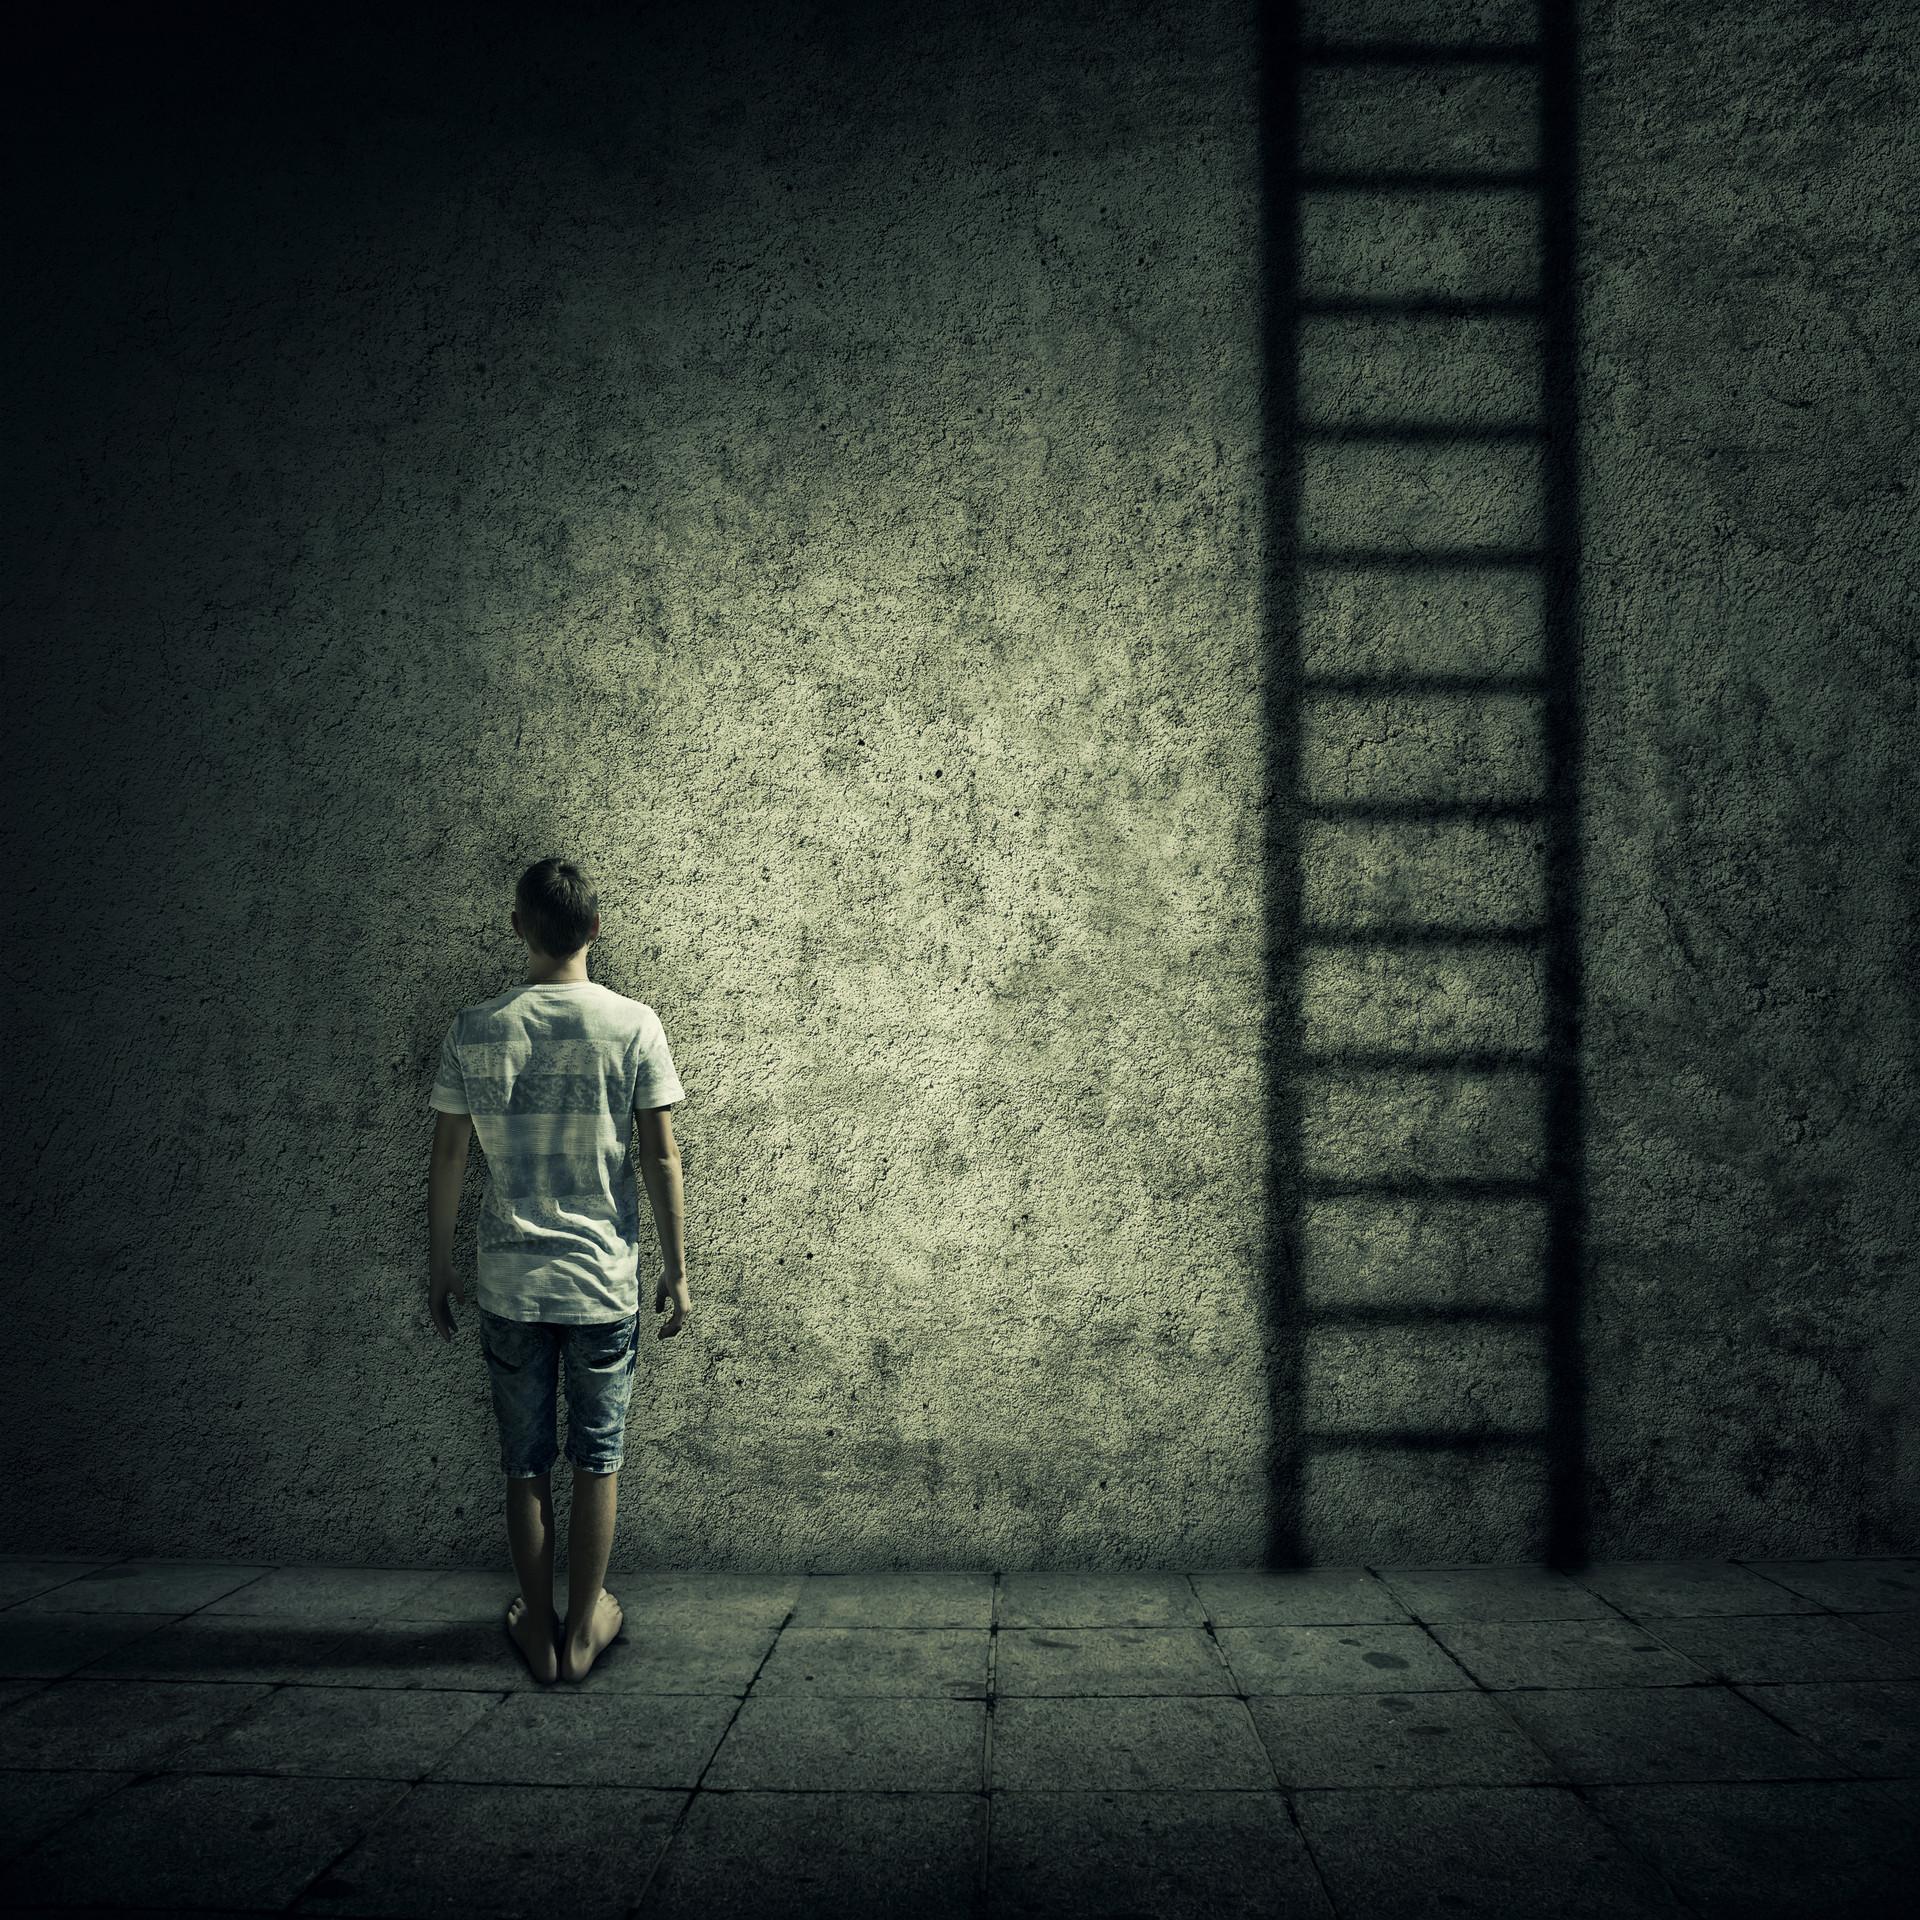 摄图网_300082000_banner_抽象的想法,个人站个黑暗的房间里,堵混凝土墙前,找了个梯子逃跑被限制所包围,日常生活(企业商用).jpg